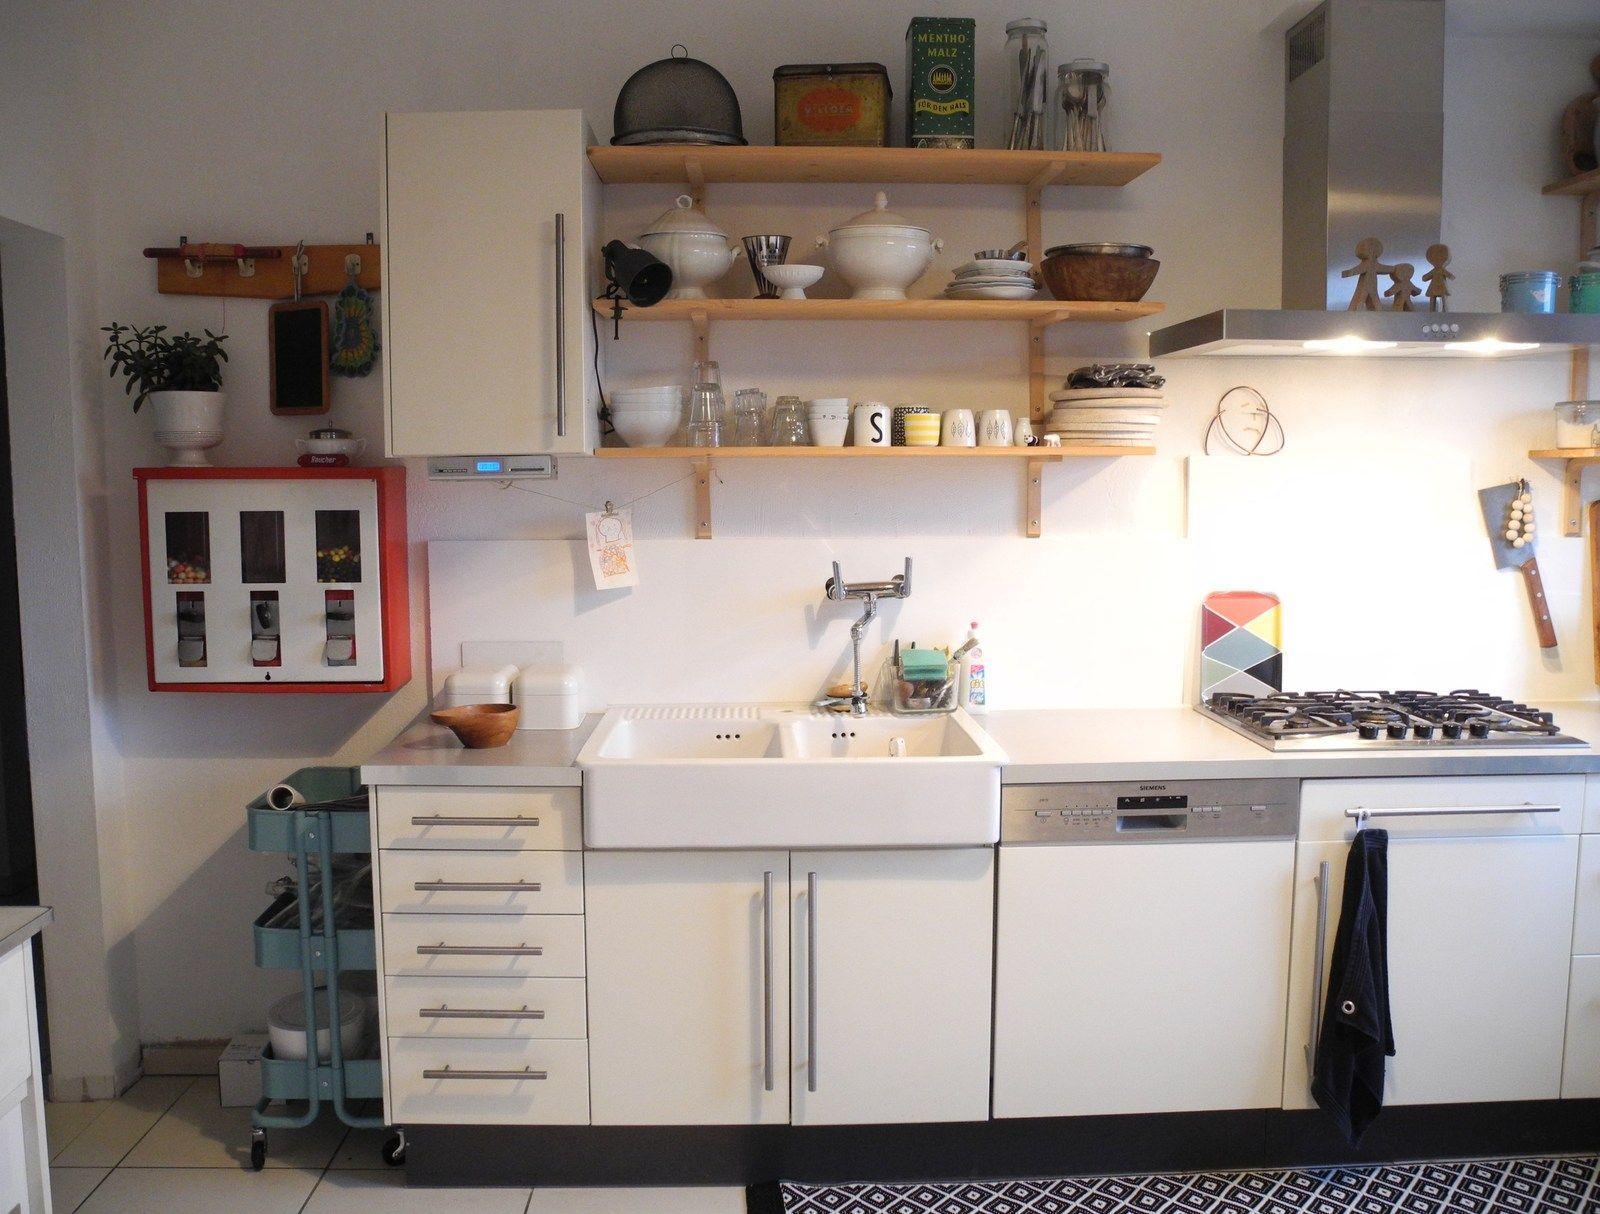 Full Size of Ikea Miniküchen 19 Vaerde Kchen Mbel Elegant Küche Kaufen Betten Bei Miniküche Kosten 160x200 Modulküche Sofa Mit Schlaffunktion Wohnzimmer Ikea Miniküchen